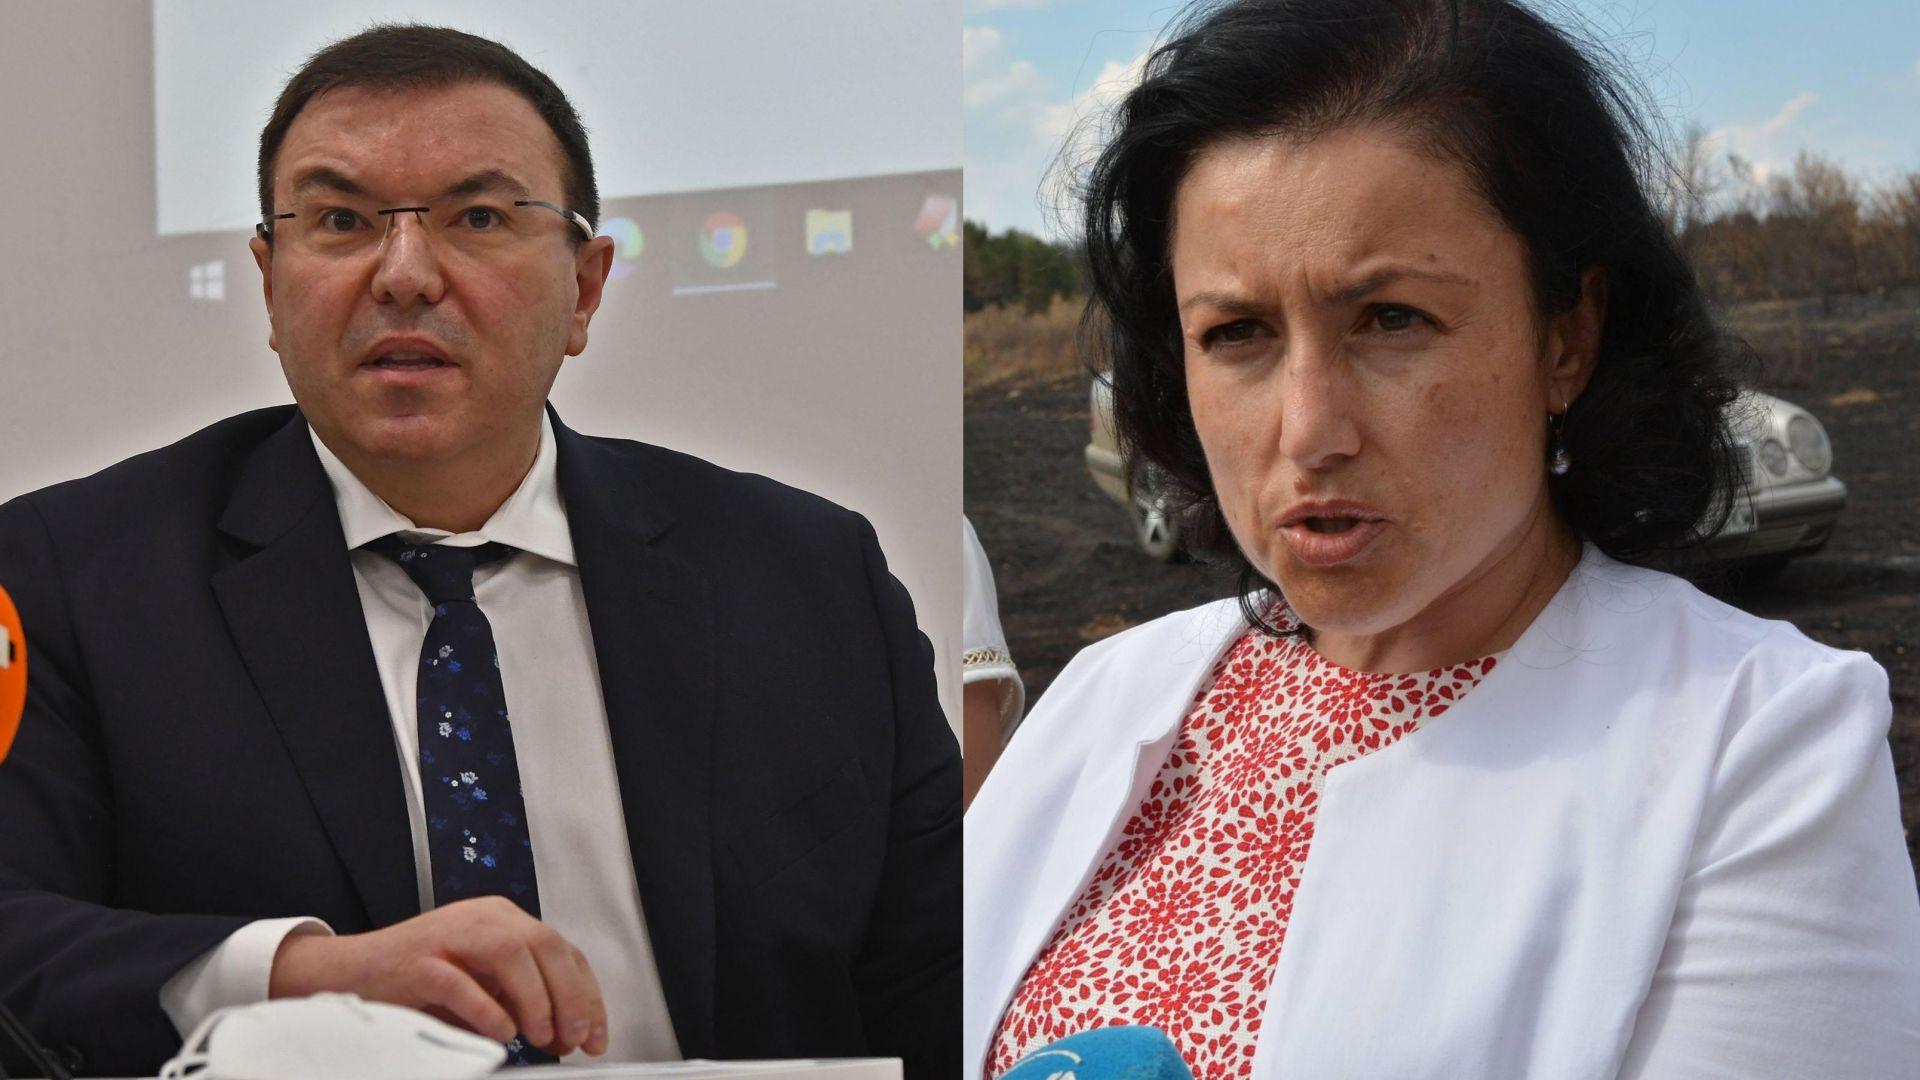 Костадин Ангелов оспори в съда нормативен акт на Десислава Танева